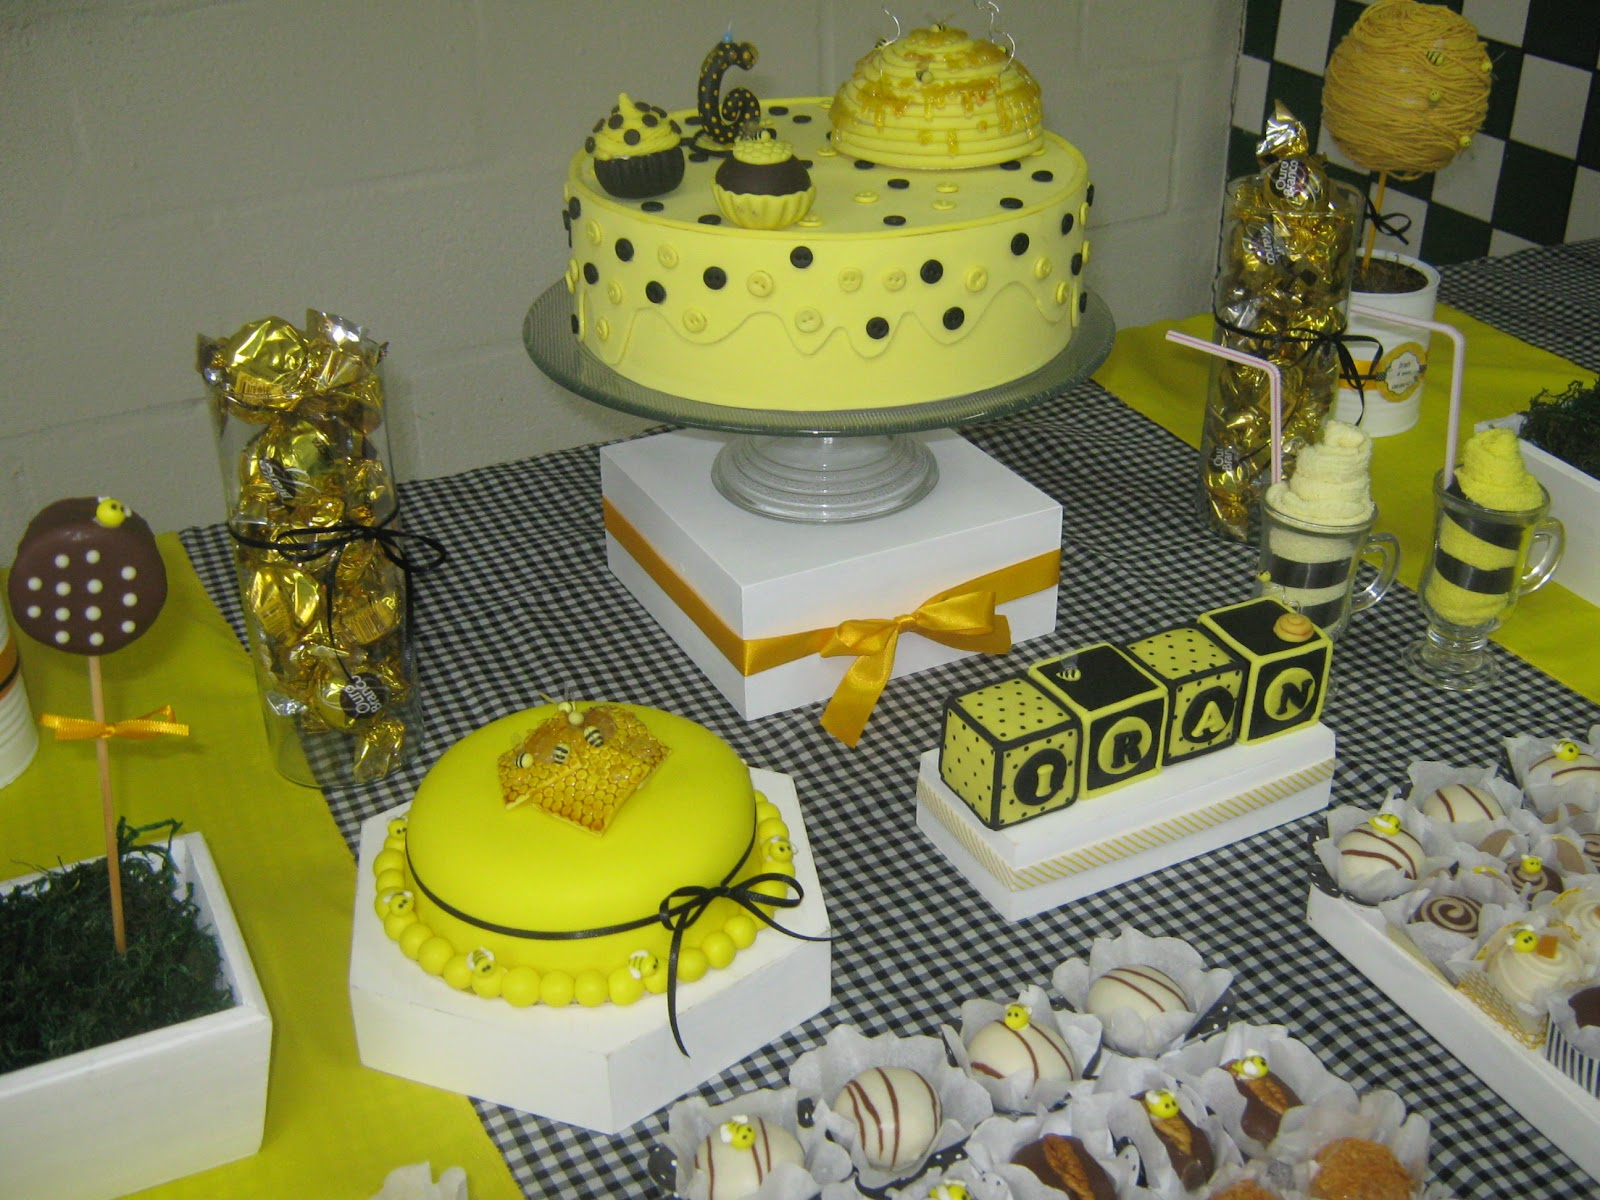 decoracao azul e amarelo para aniversario: amarelo e branco. Tudo que lembrava abelha e mel foram usadas na